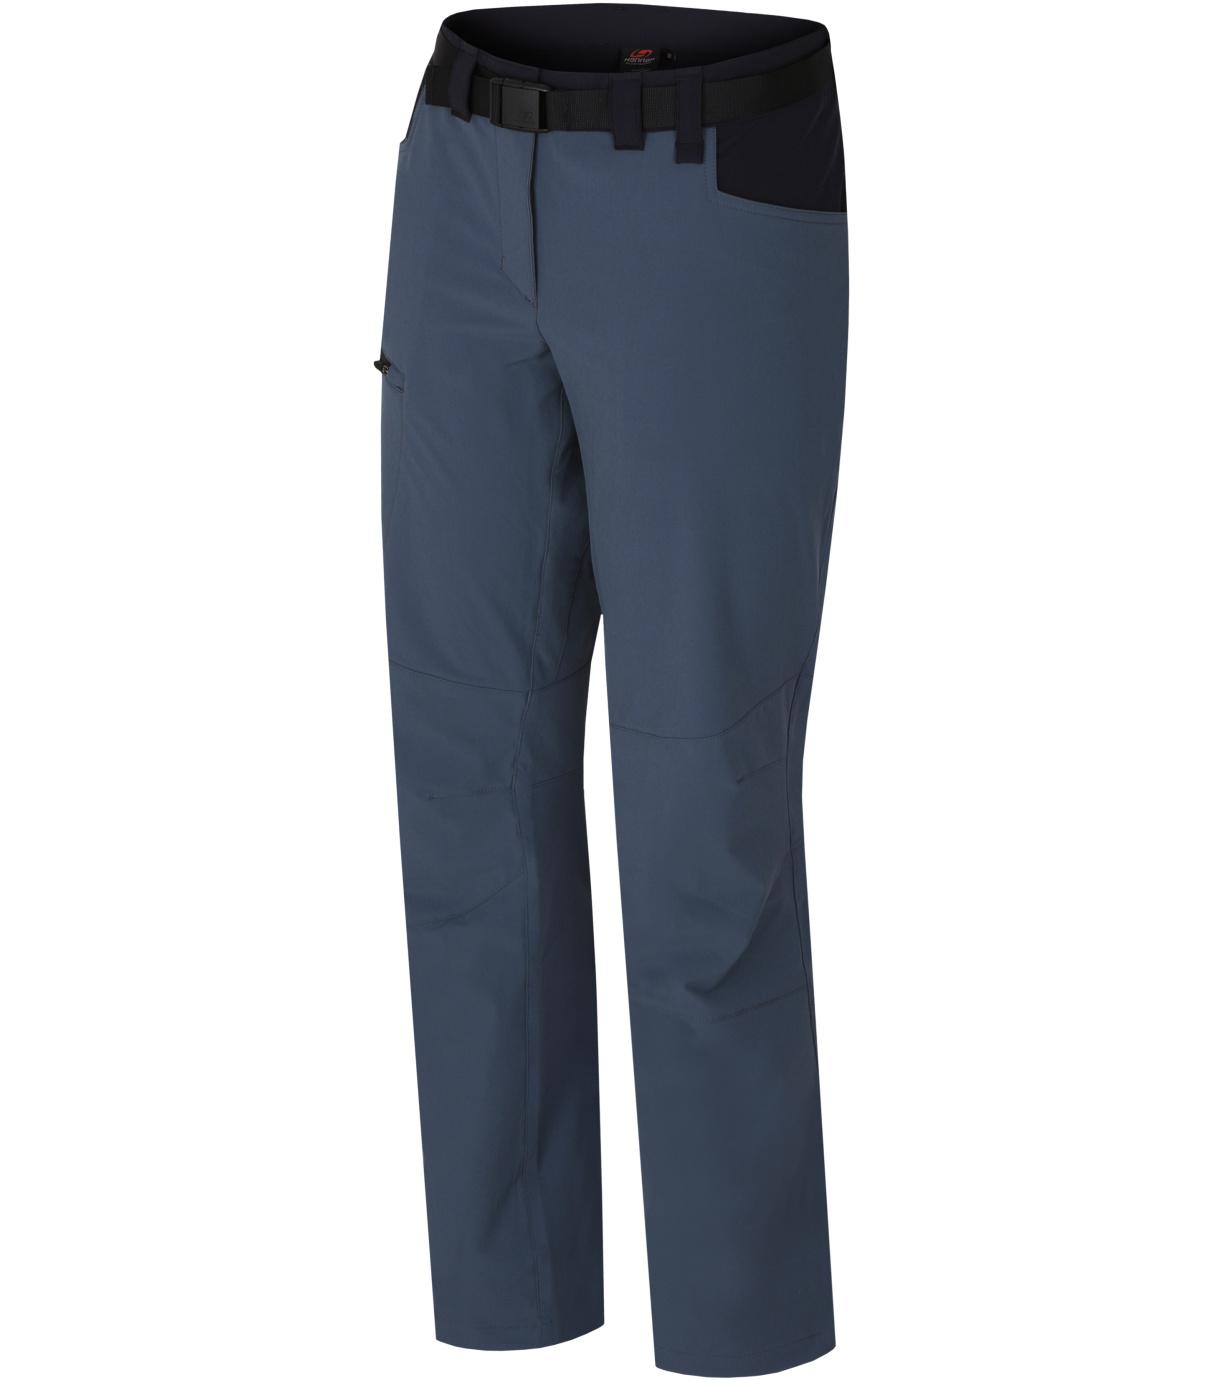 HANNAH MOA Dámské outdoorové kalhoty 10011107HHX01 dark slate/anthracite 36